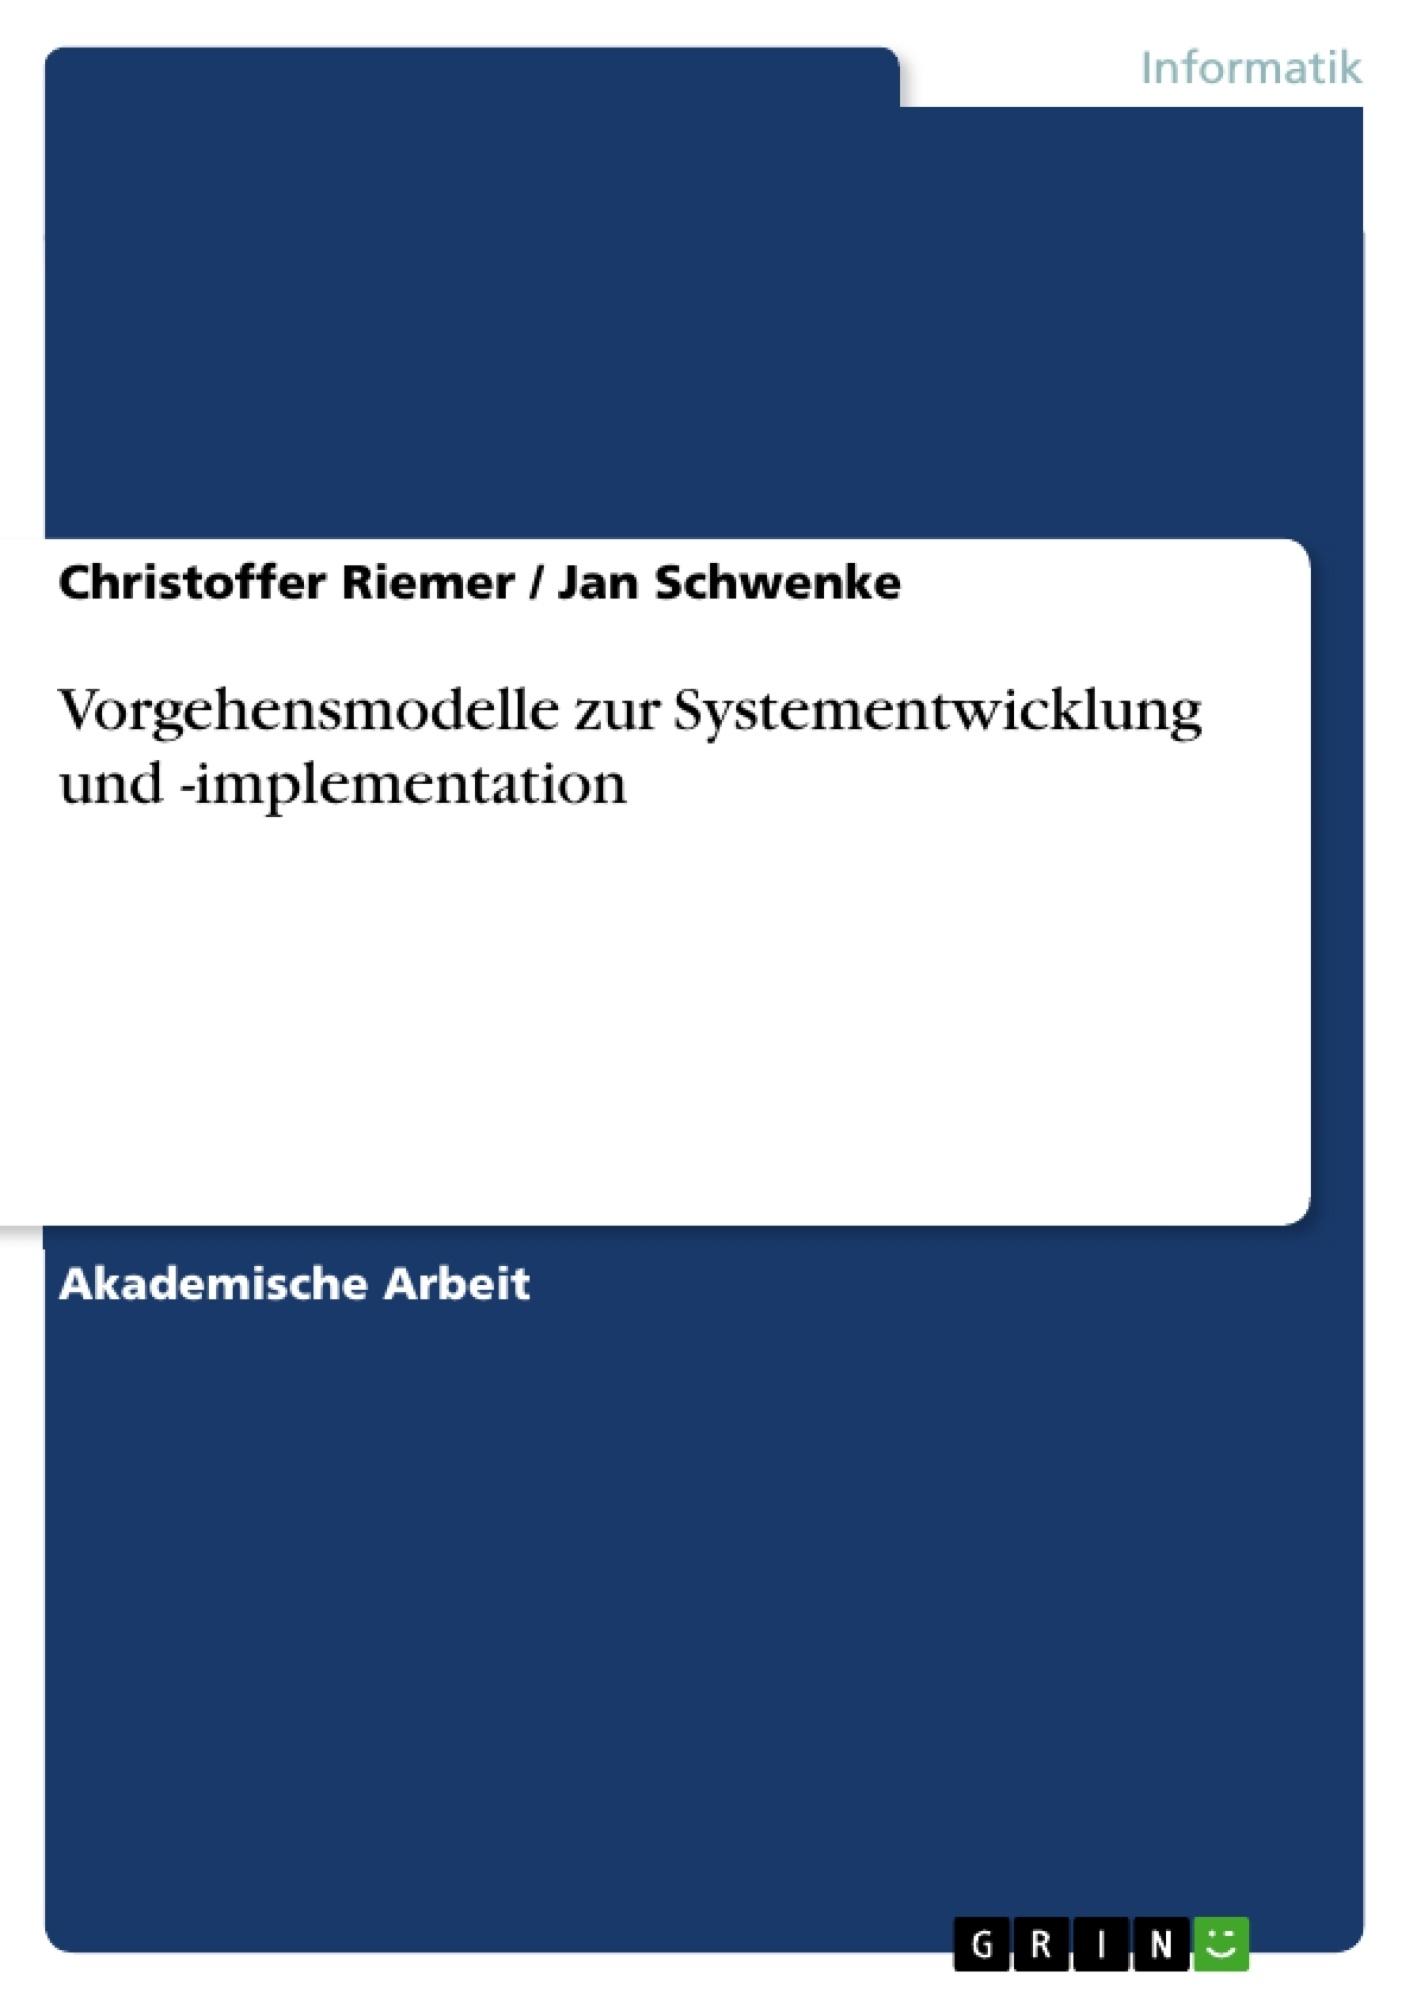 Titel: Vorgehensmodelle zur Systementwicklung und -implementation